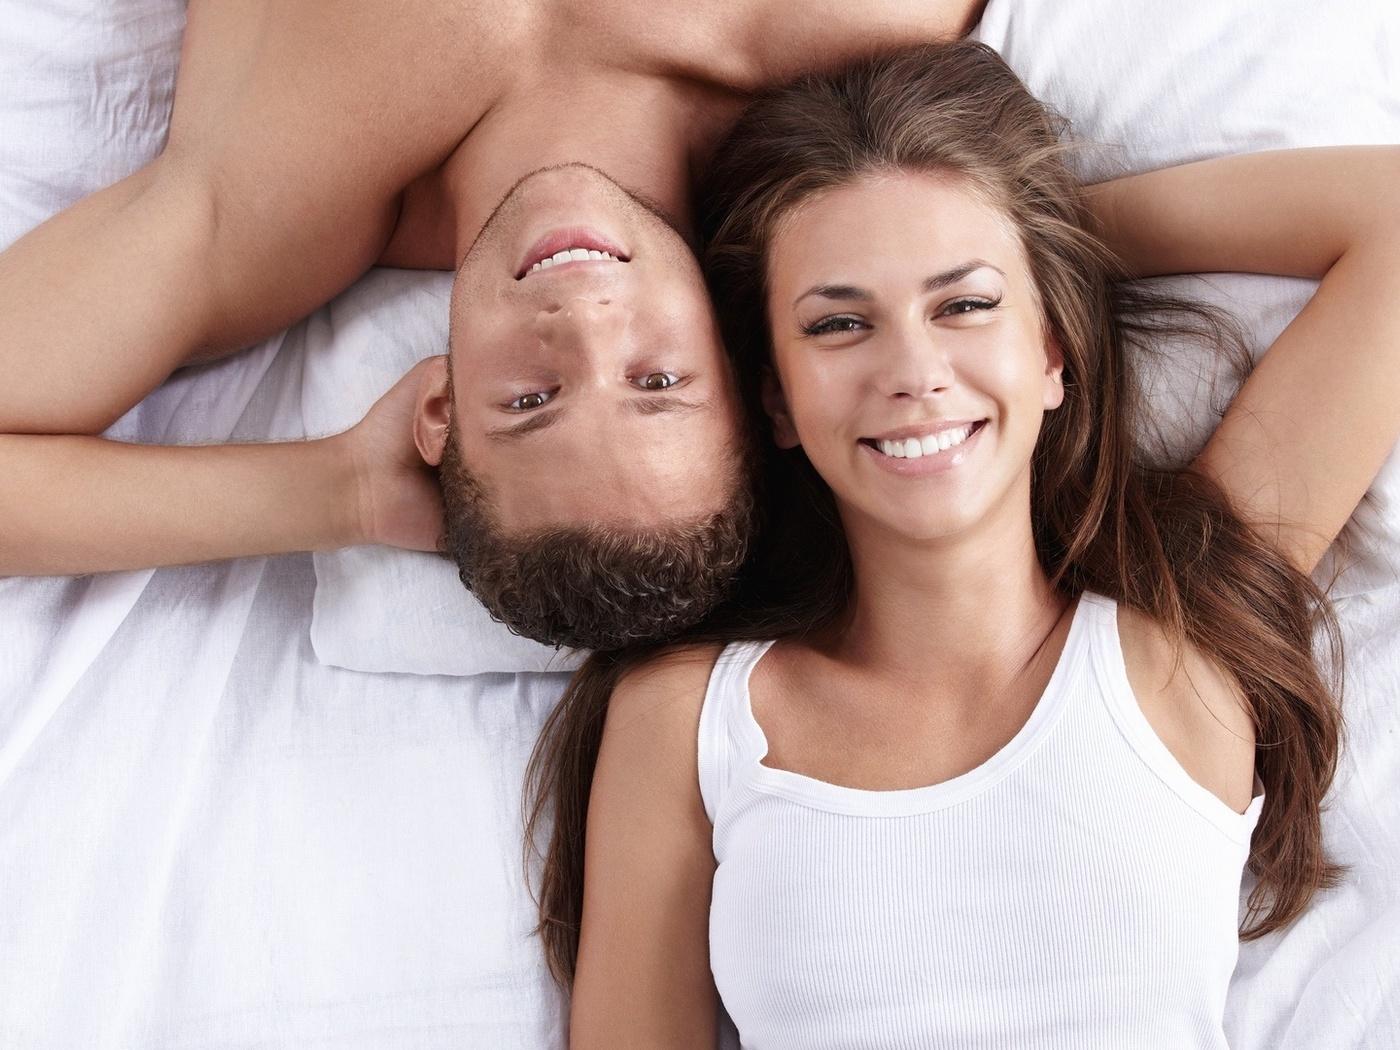 Способ разнообразить сексуальную жизнь